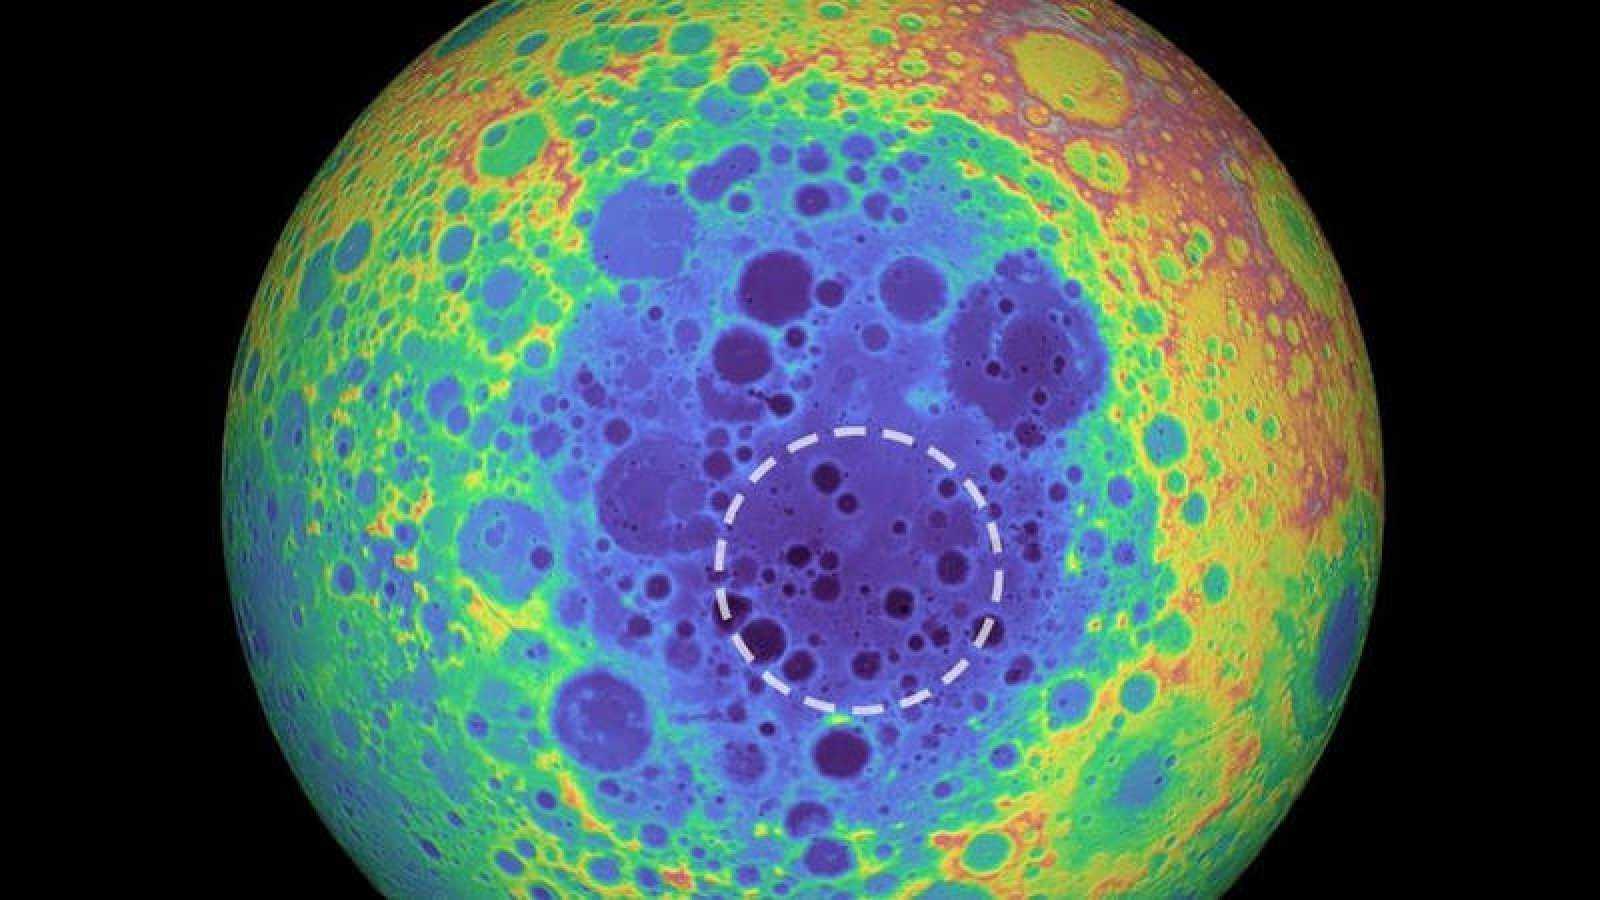 Gráfico basado en colores que muestra la topografía de la cara oculta de la Luna. La masa hallada se encuentra dentro del círculo blanco.